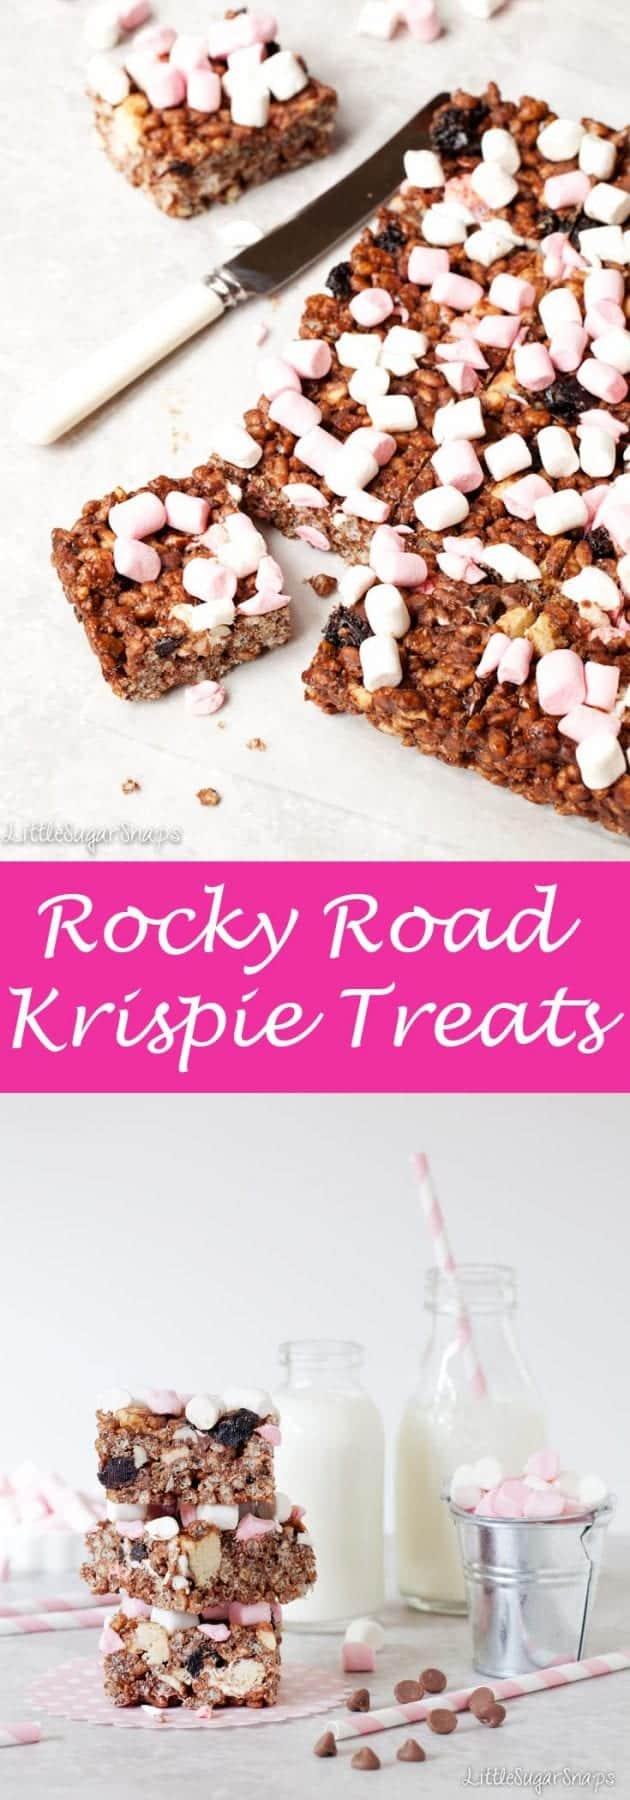 Rocky Road Krispie Treats #krispietreats #rockyroad #krispiesquares